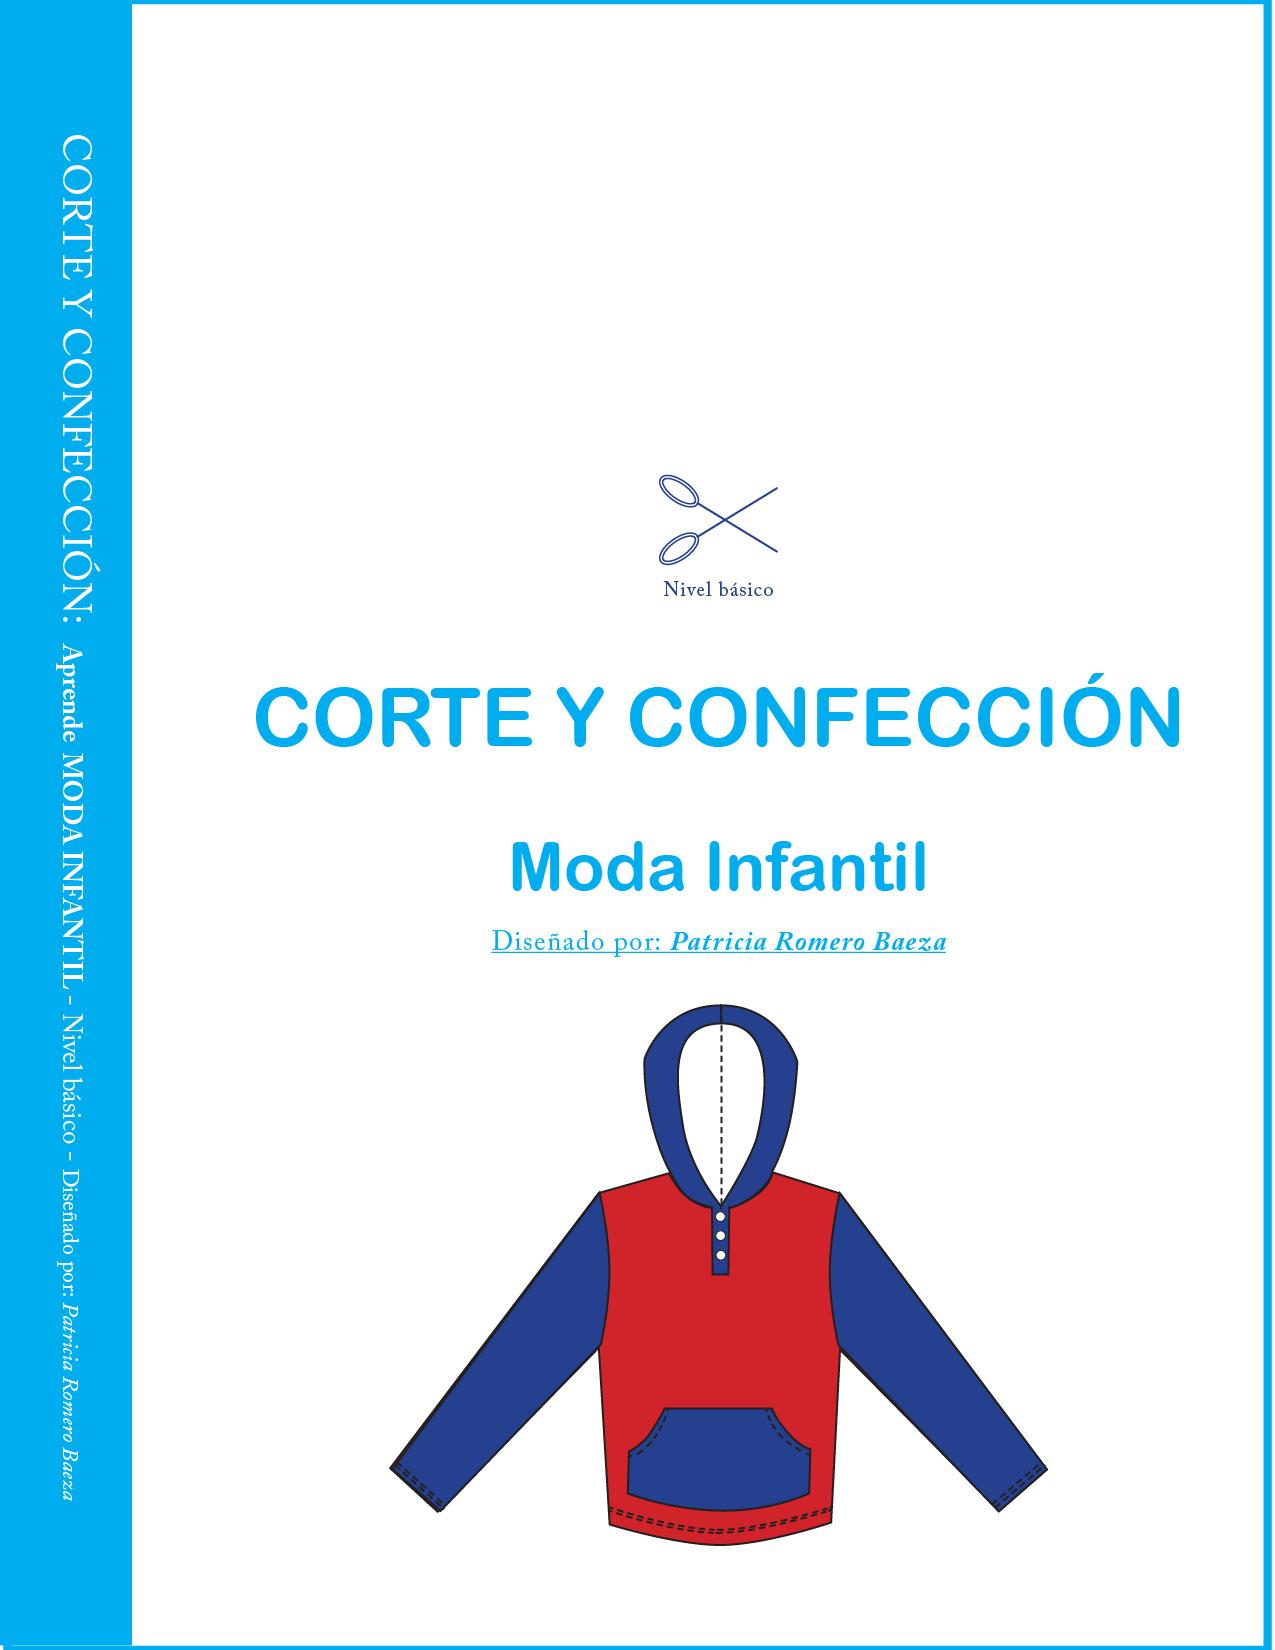 Libro corte y confecci n de moda infantil pdf Libros de ceramica pdf